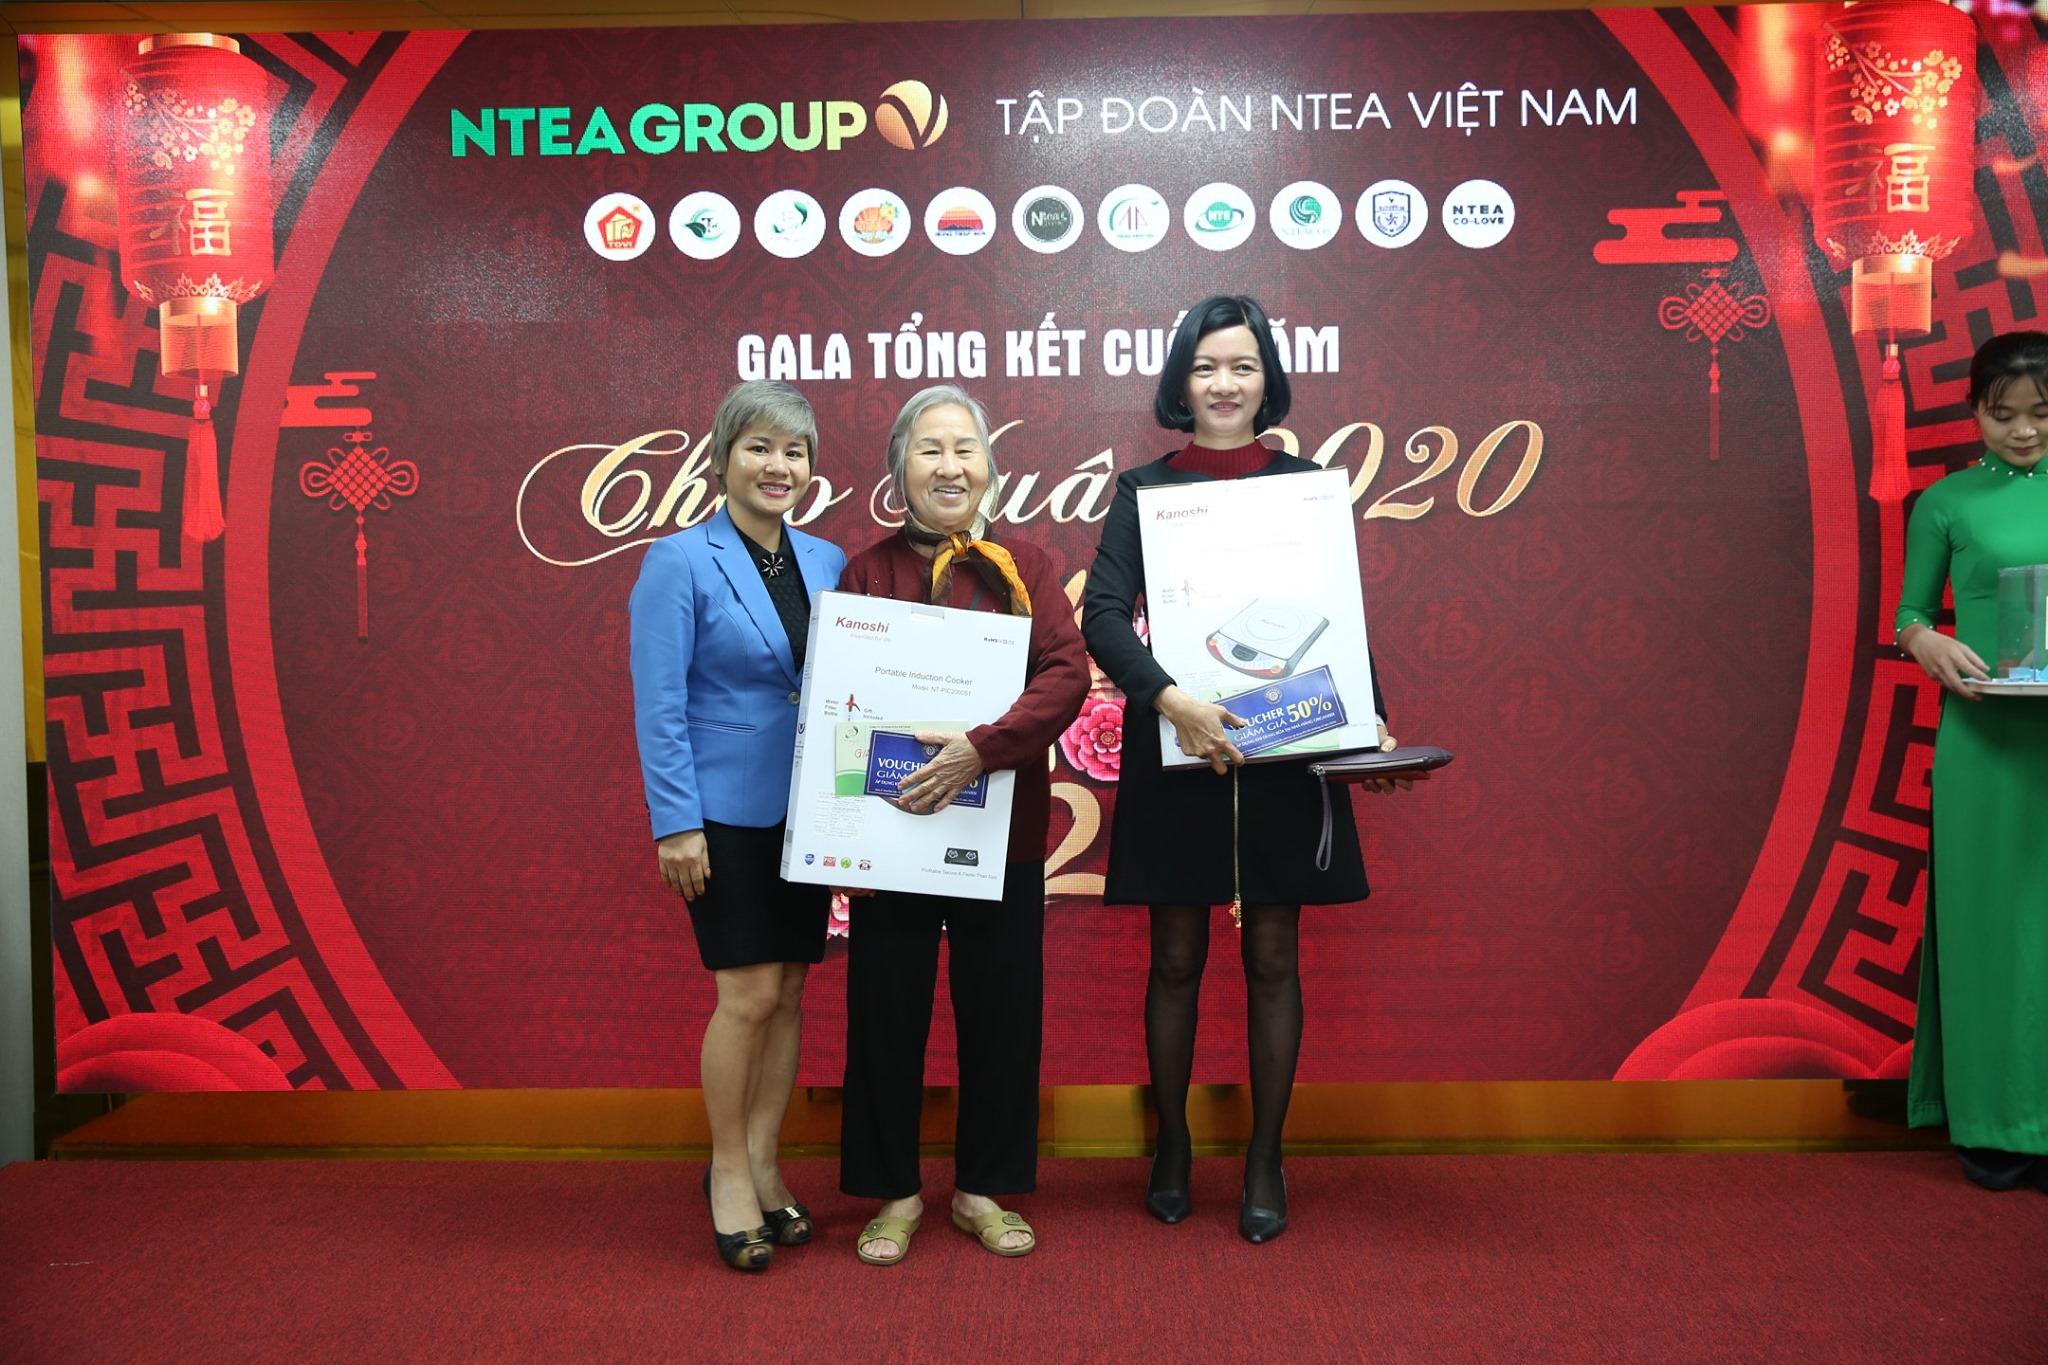 NTEA tố chức Gala tổng kết cuối năm 2019 chào xuân 2020